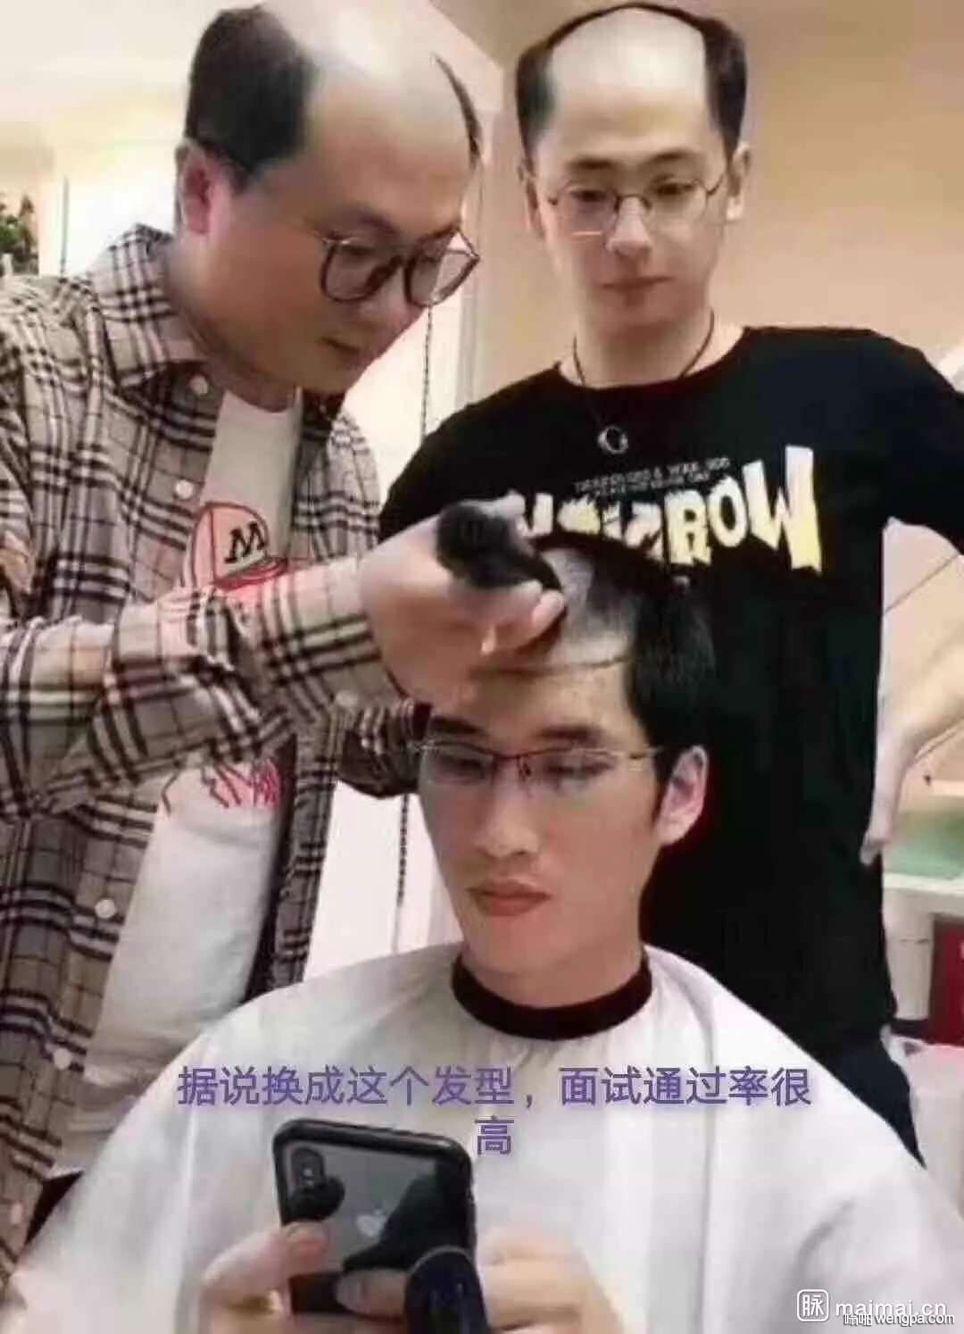 [搞笑图片]据说换这个发型 面试通过率很高 - 嗡啪网